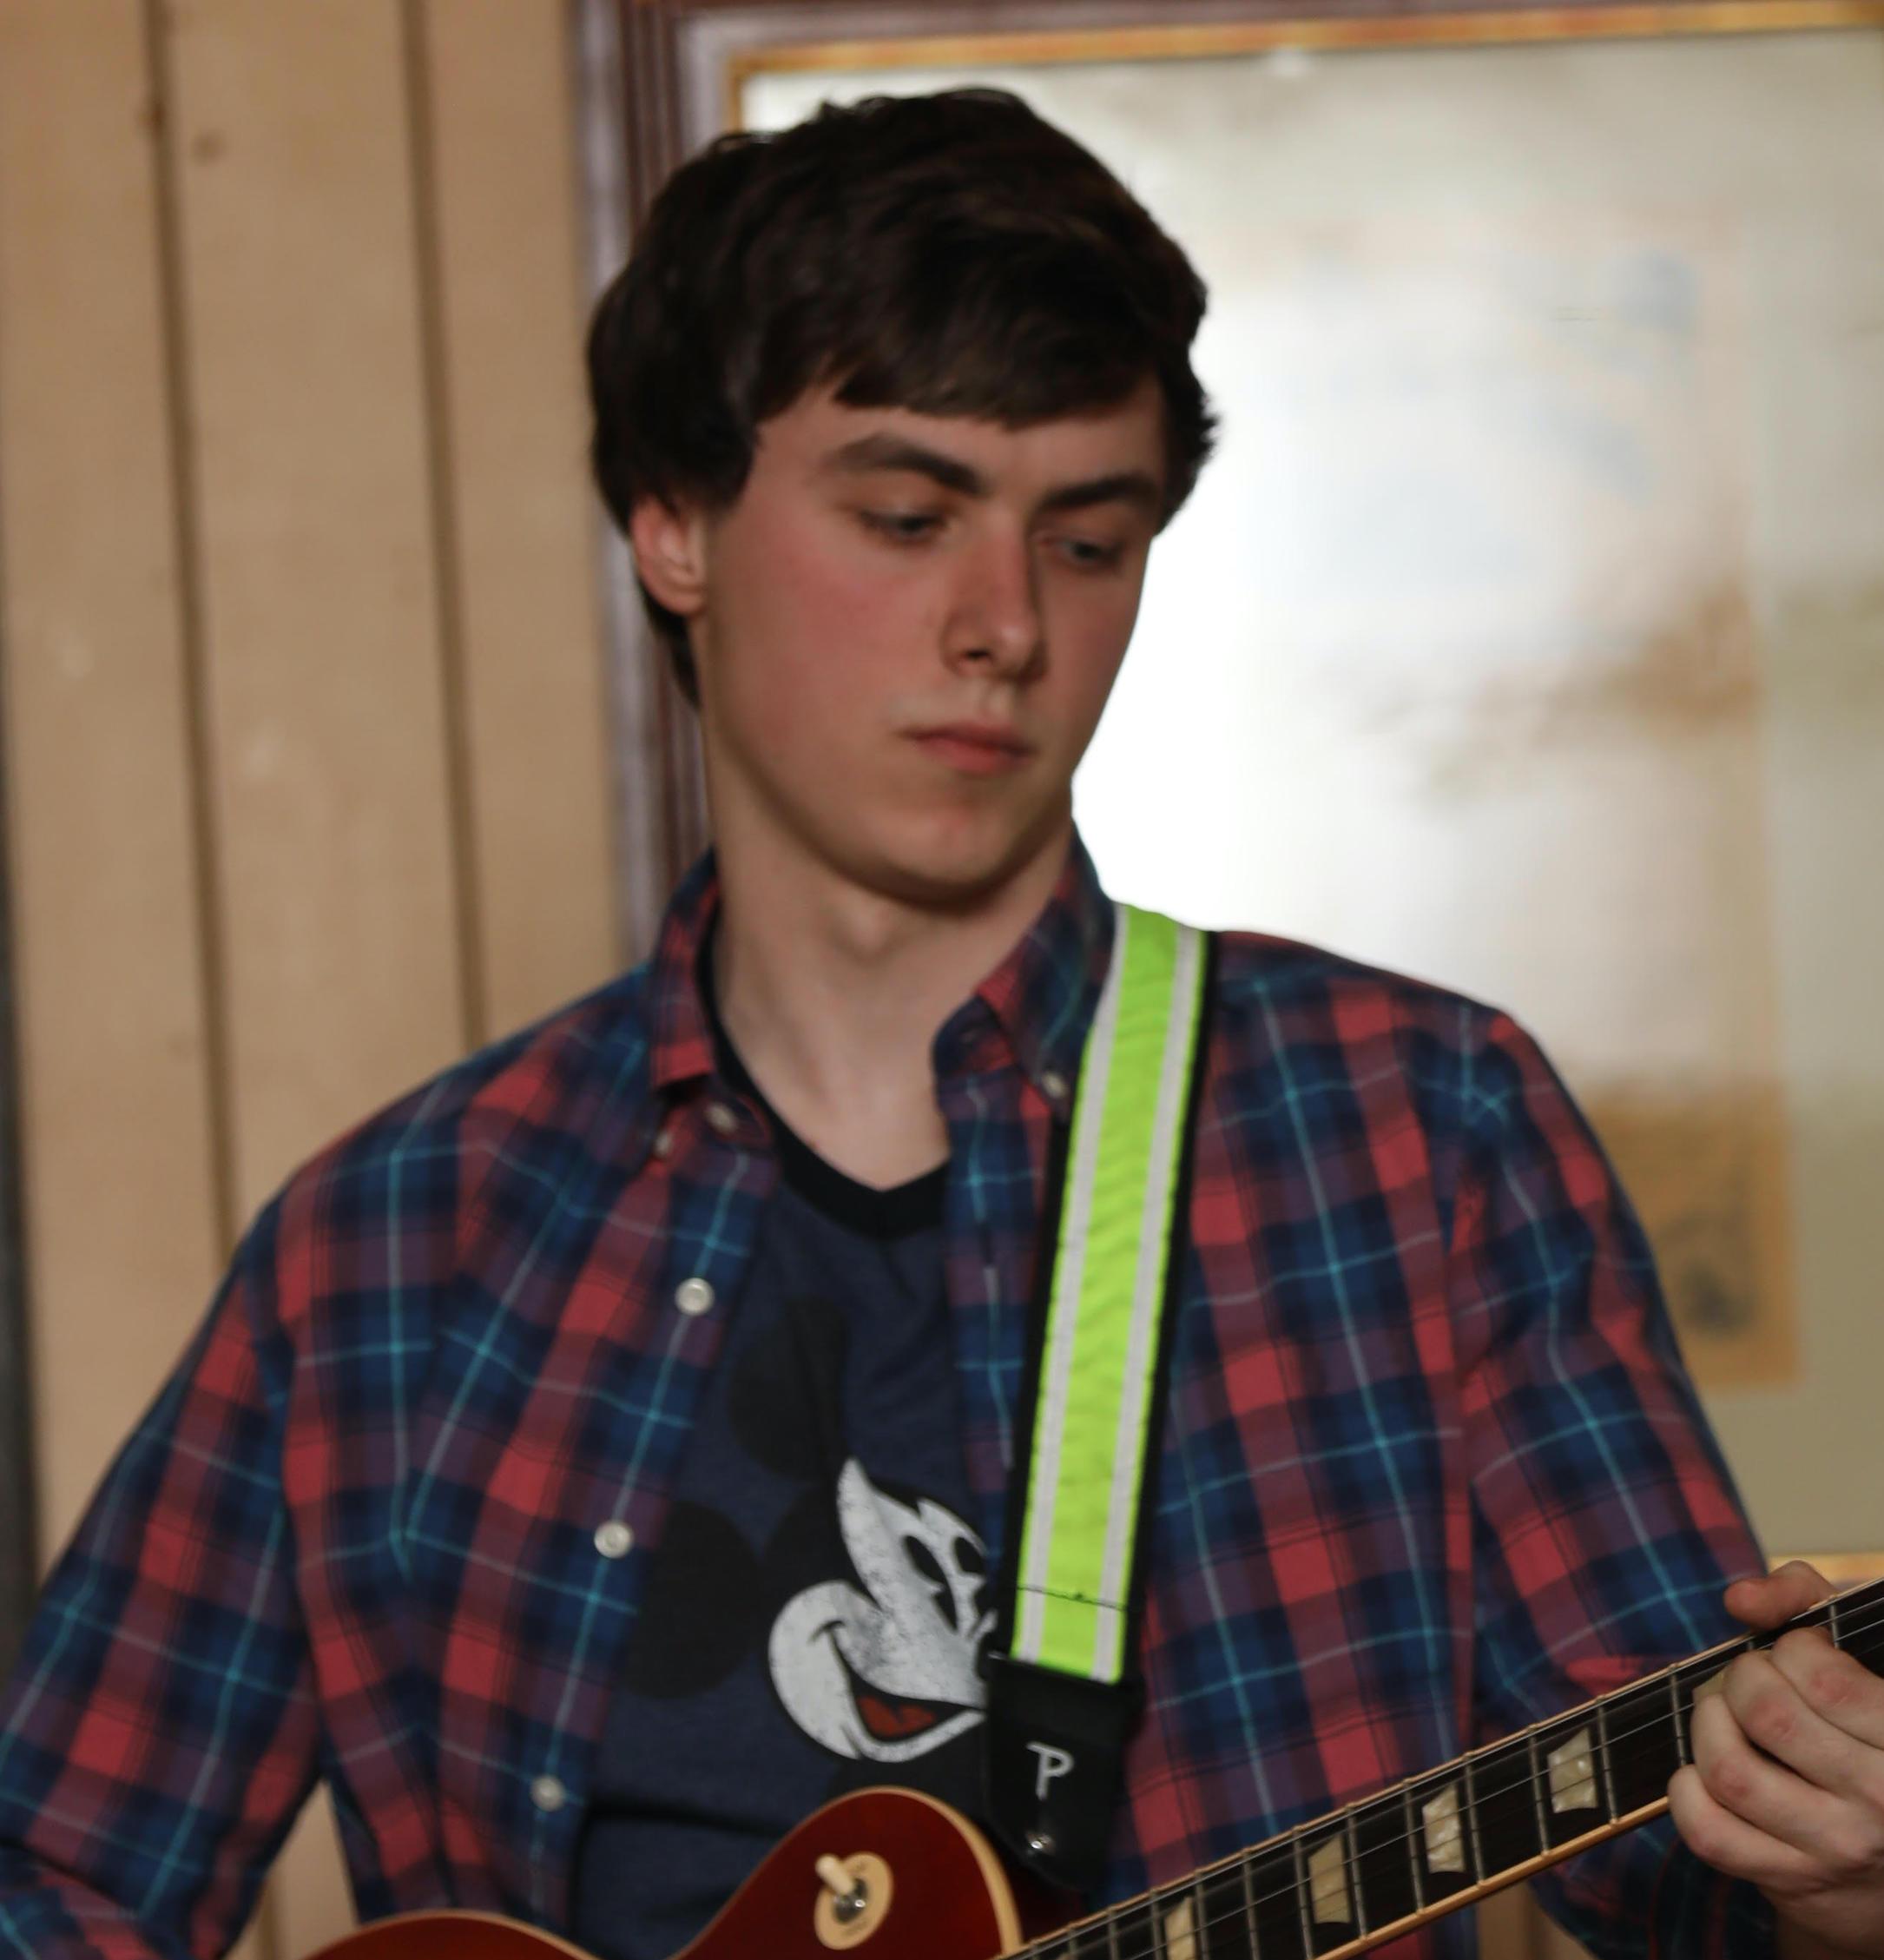 Nick Hurley